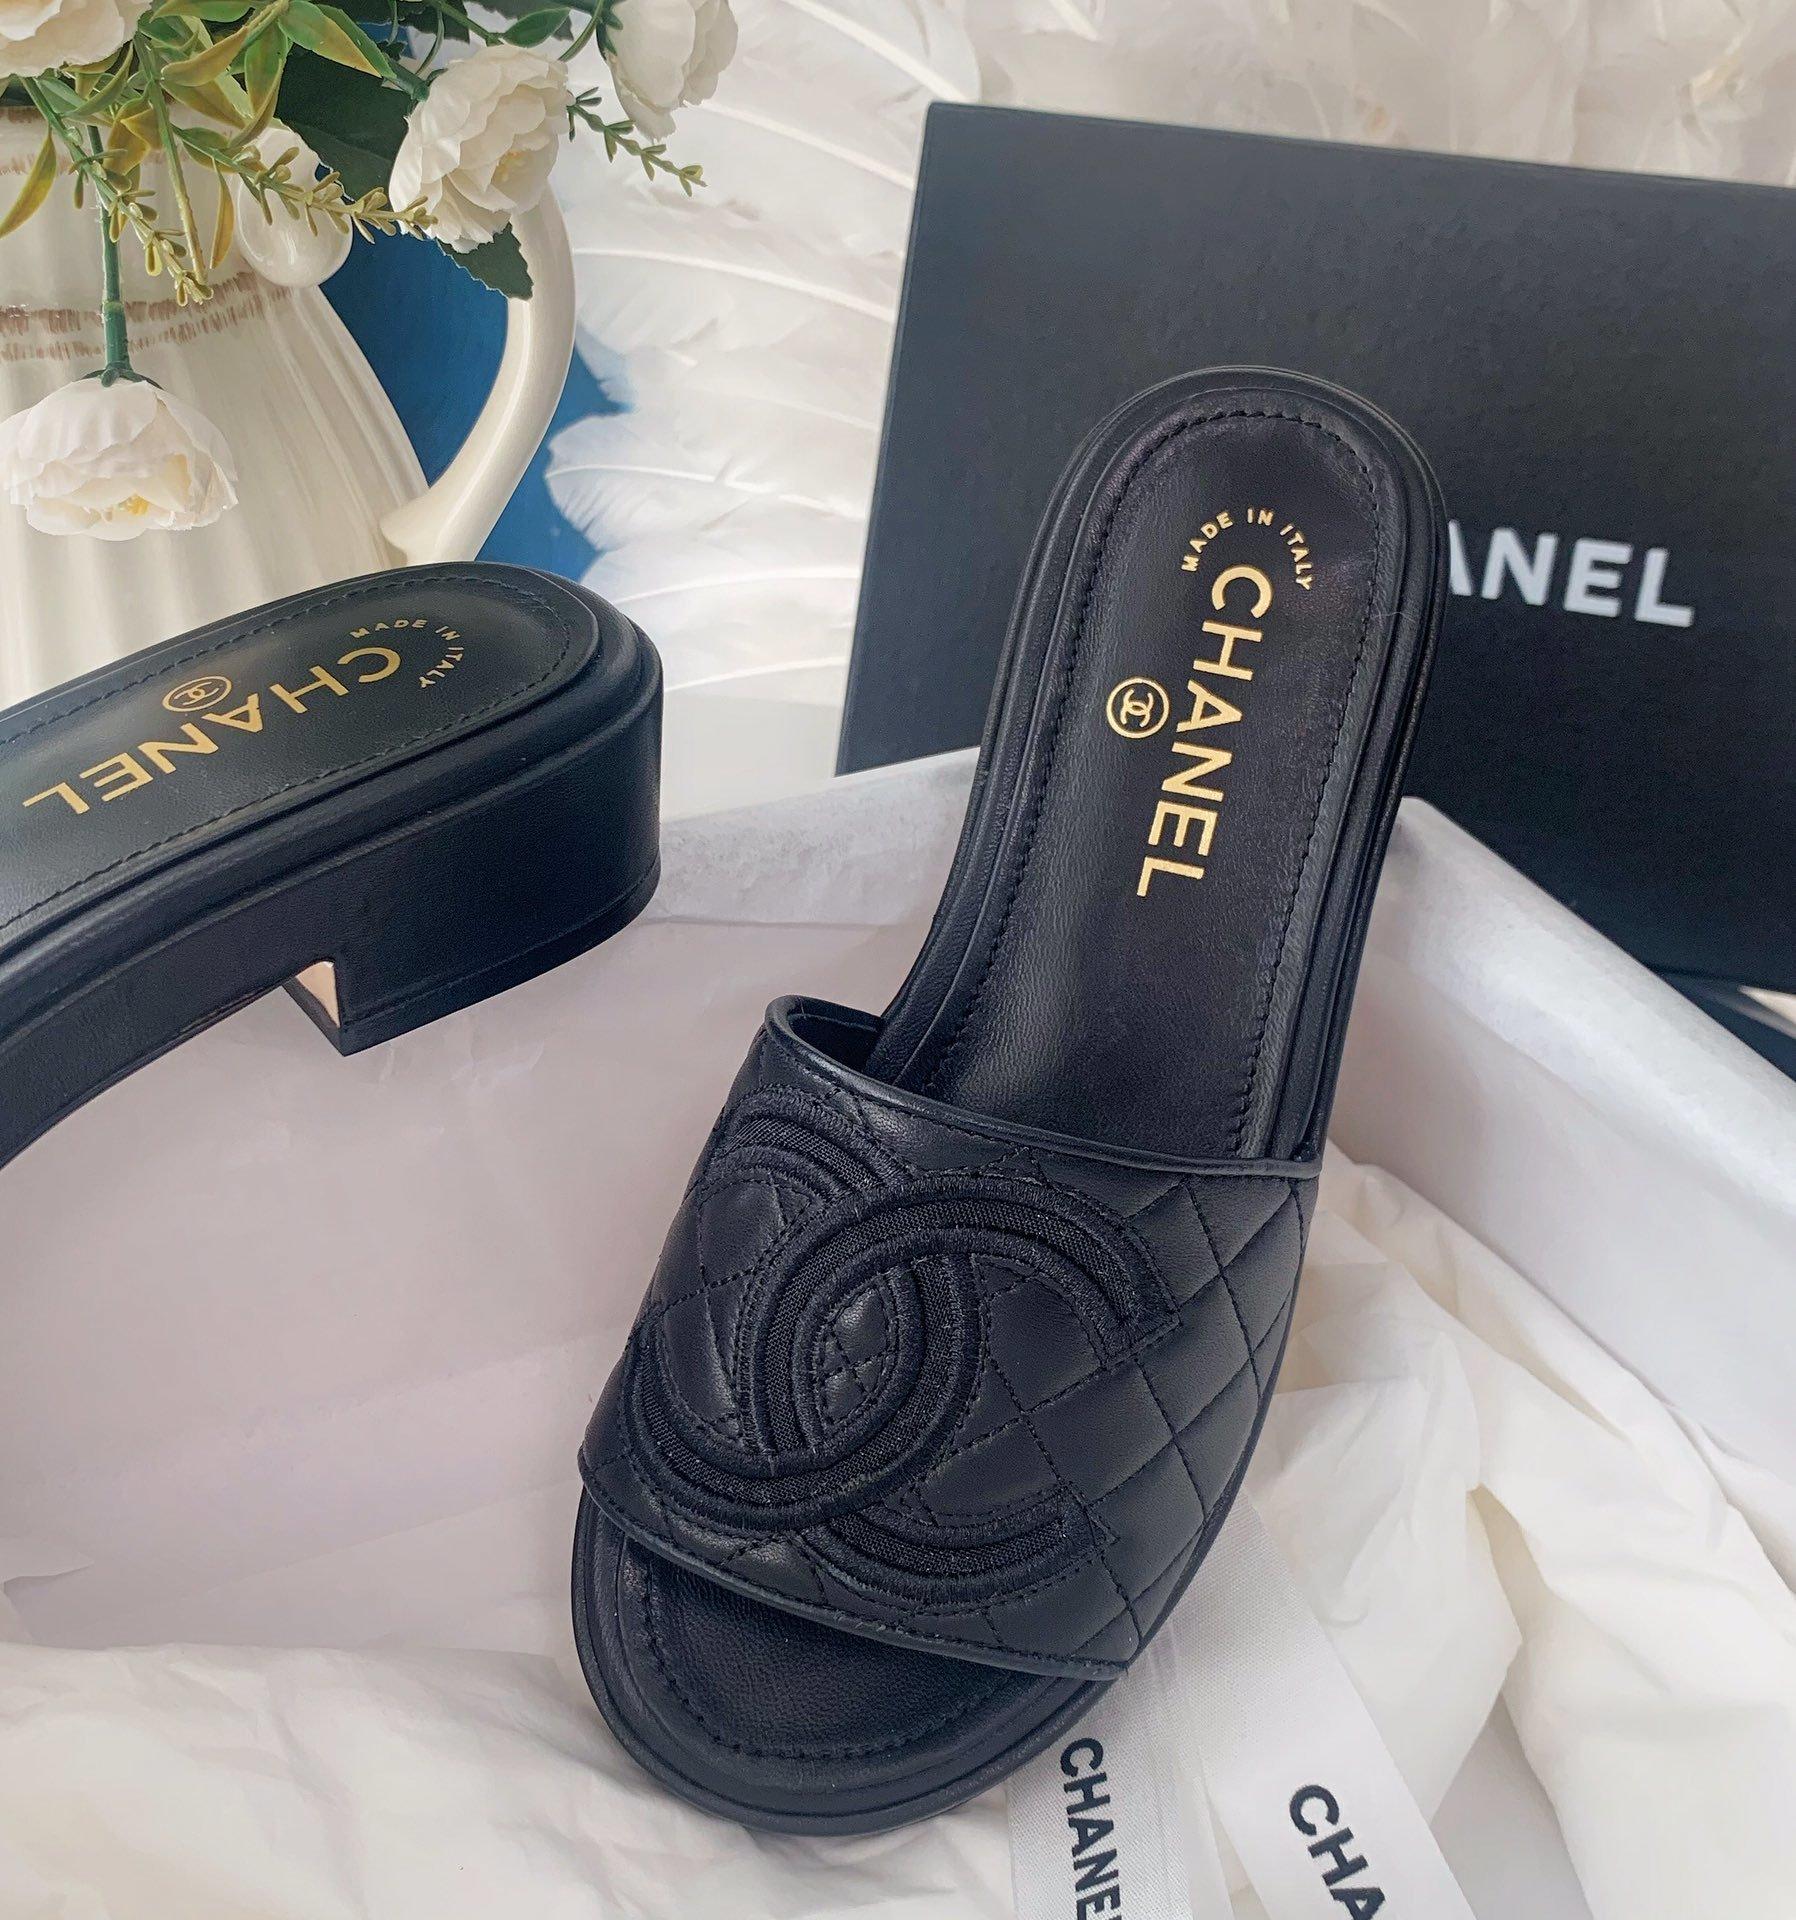 Chanel20春夏全羊皮蜜儿拖鞋菱格刺绣(图8)